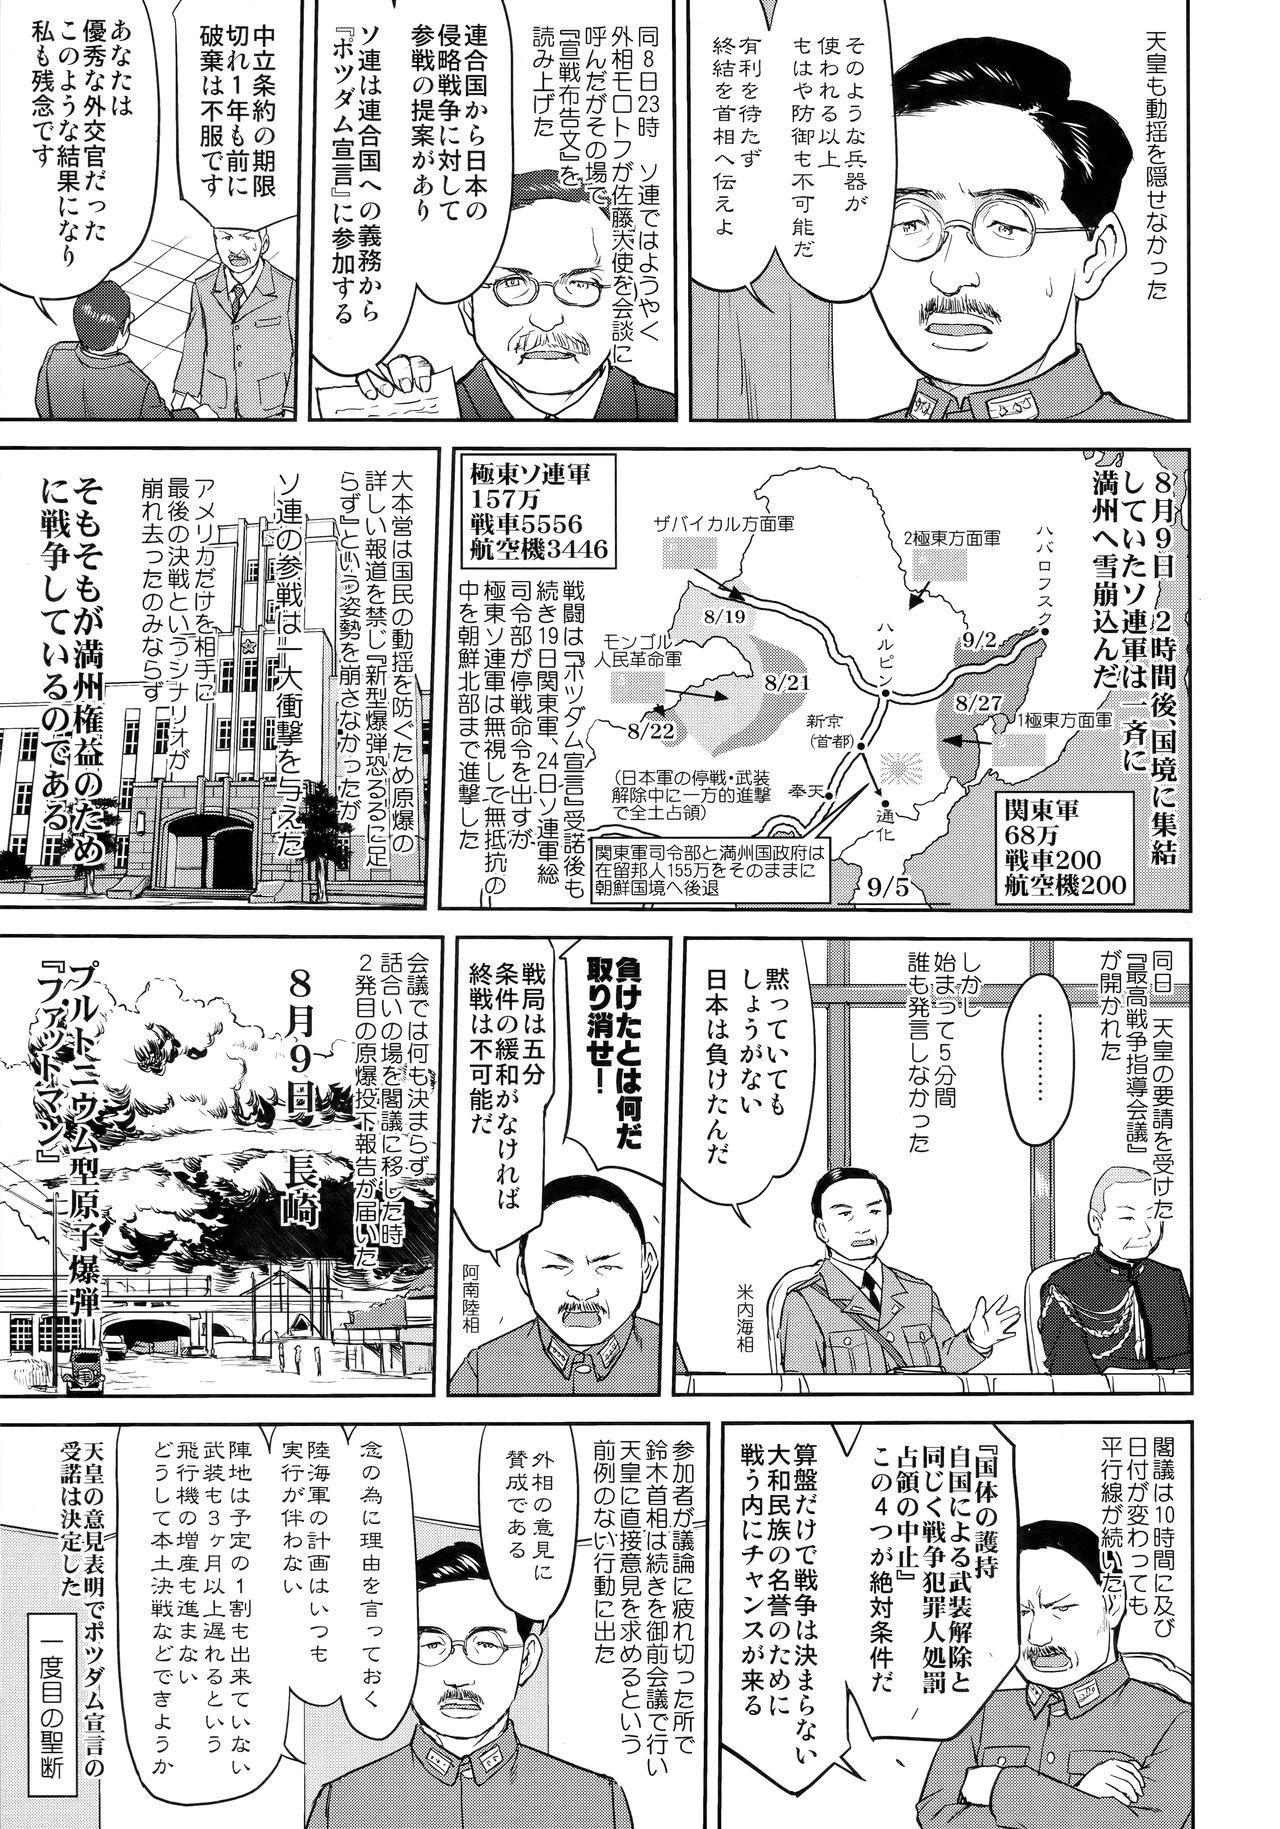 Teitoku no Ketsudan Kanmusu no Ichiban Nagai Hi 47